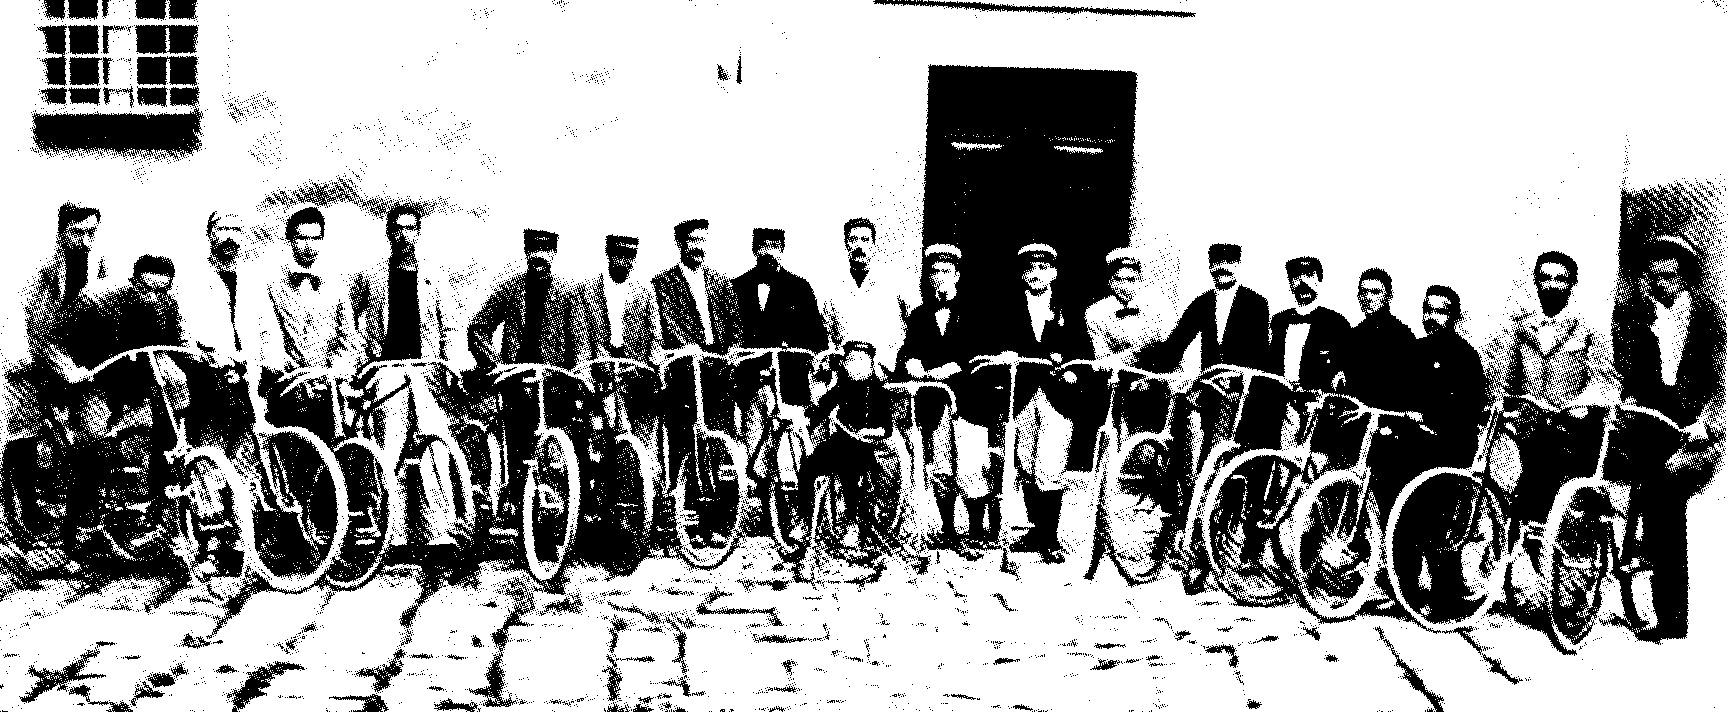 Giacomo Puccini in bicicletta